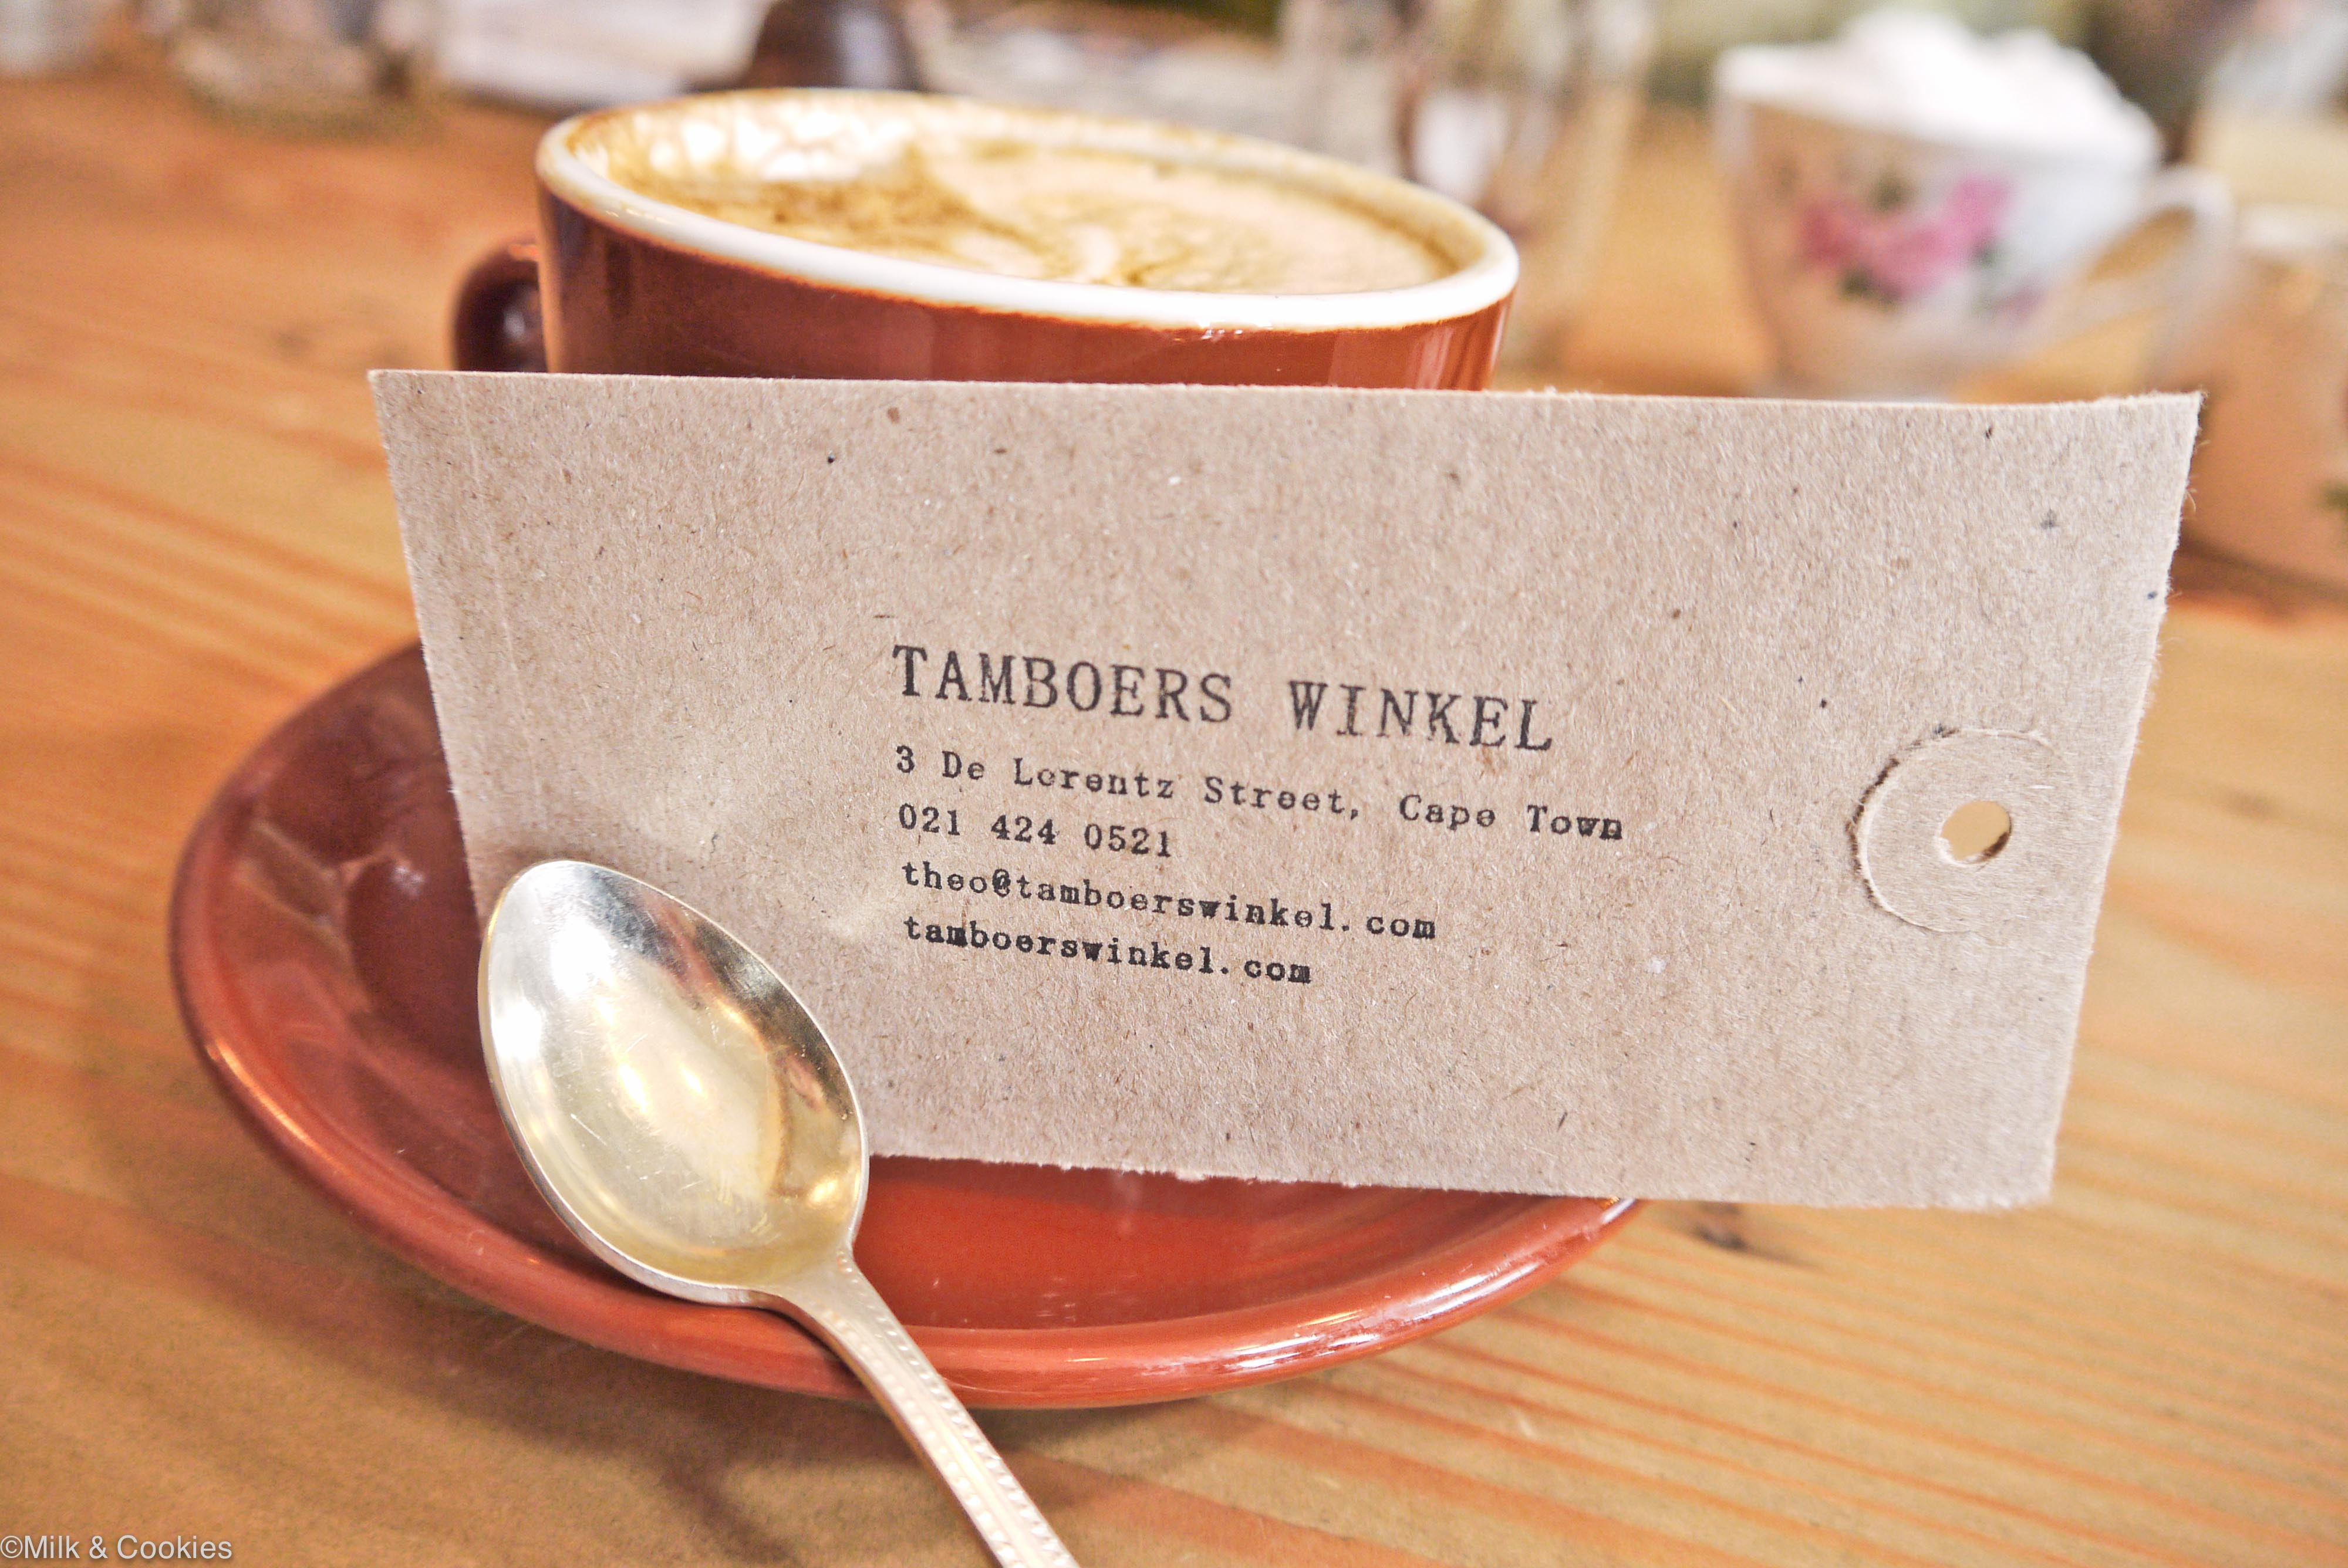 Tamboers Winkel Cape Town | Milk & Cookies